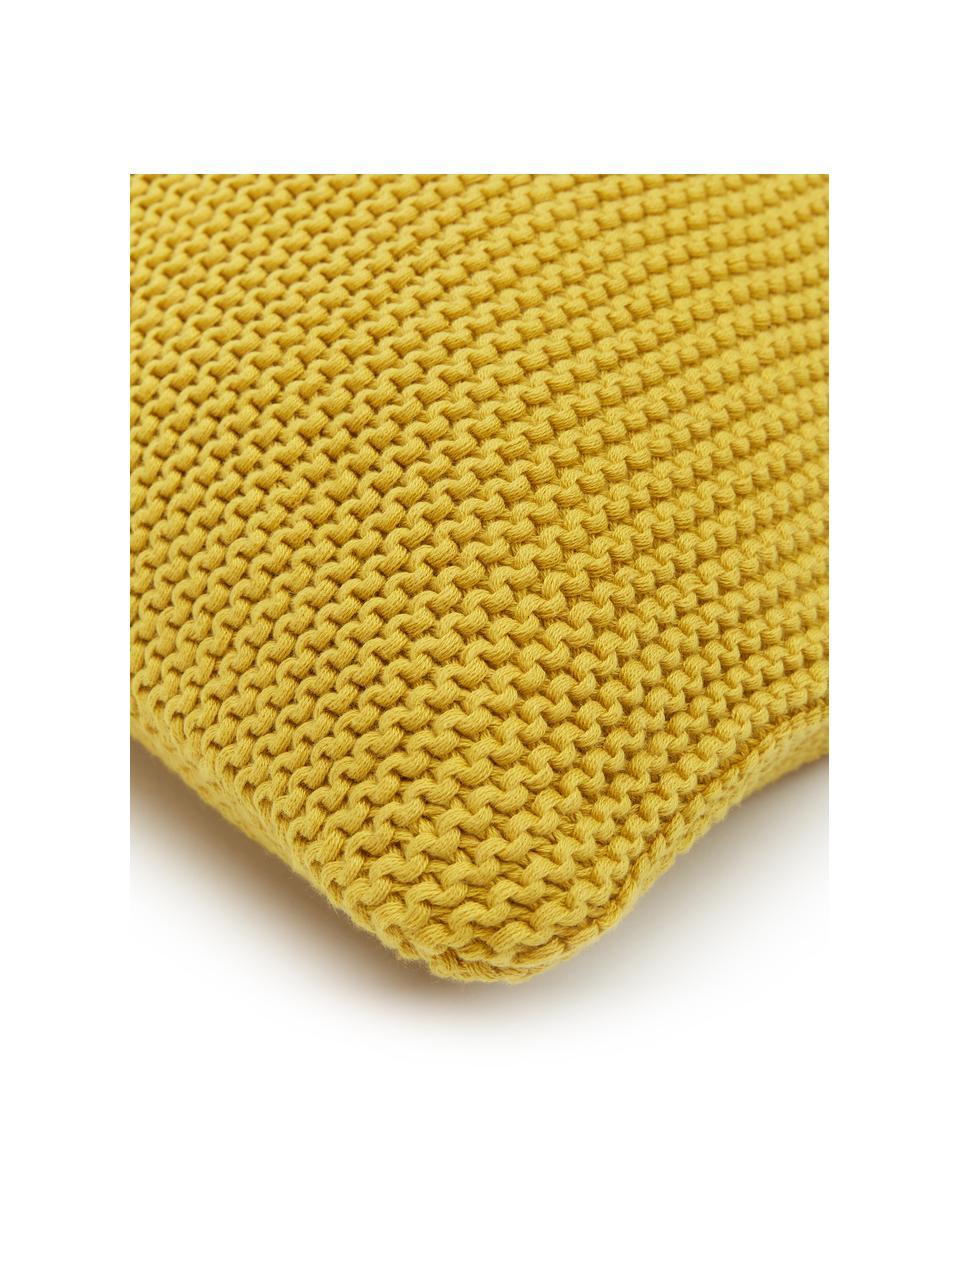 Strick-Kissenhülle Adalyn aus Bio-Baumwolle in Senfgelb, 100% Bio-Baumwolle, GOTS-zertifiziert, Gelb, 30 x 50 cm